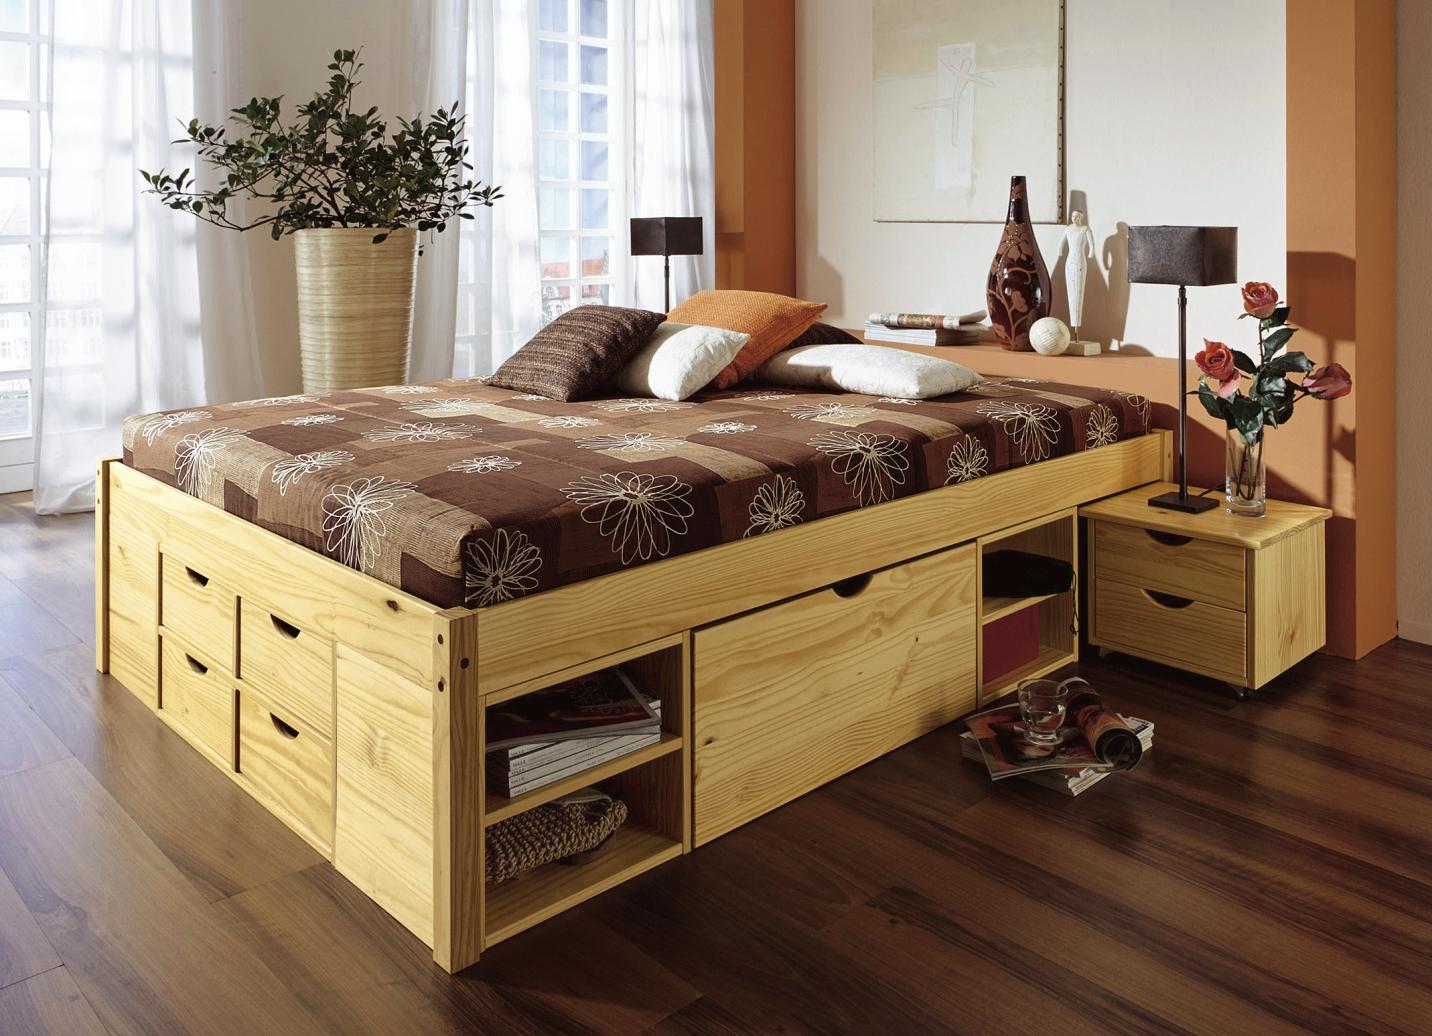 Funktionsbett 180x200  Funktionsbett in verschiedenen Ausführungen - Landhausmöbel | BADER